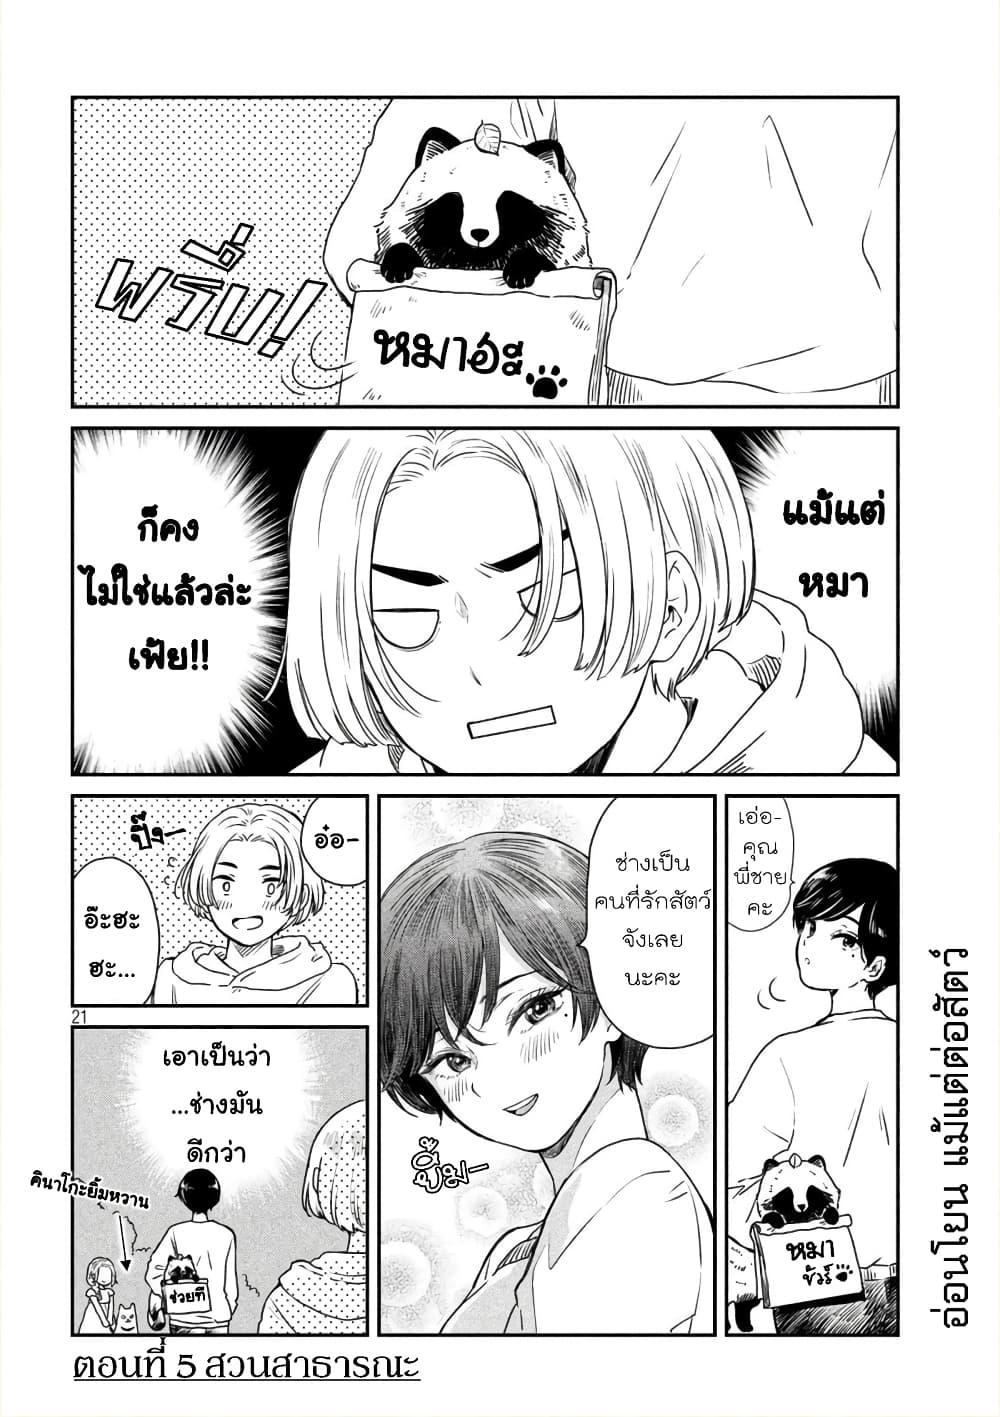 อ่านการ์ตูน Ame to Kimi to ตอนที่ 5 หน้าที่ 4